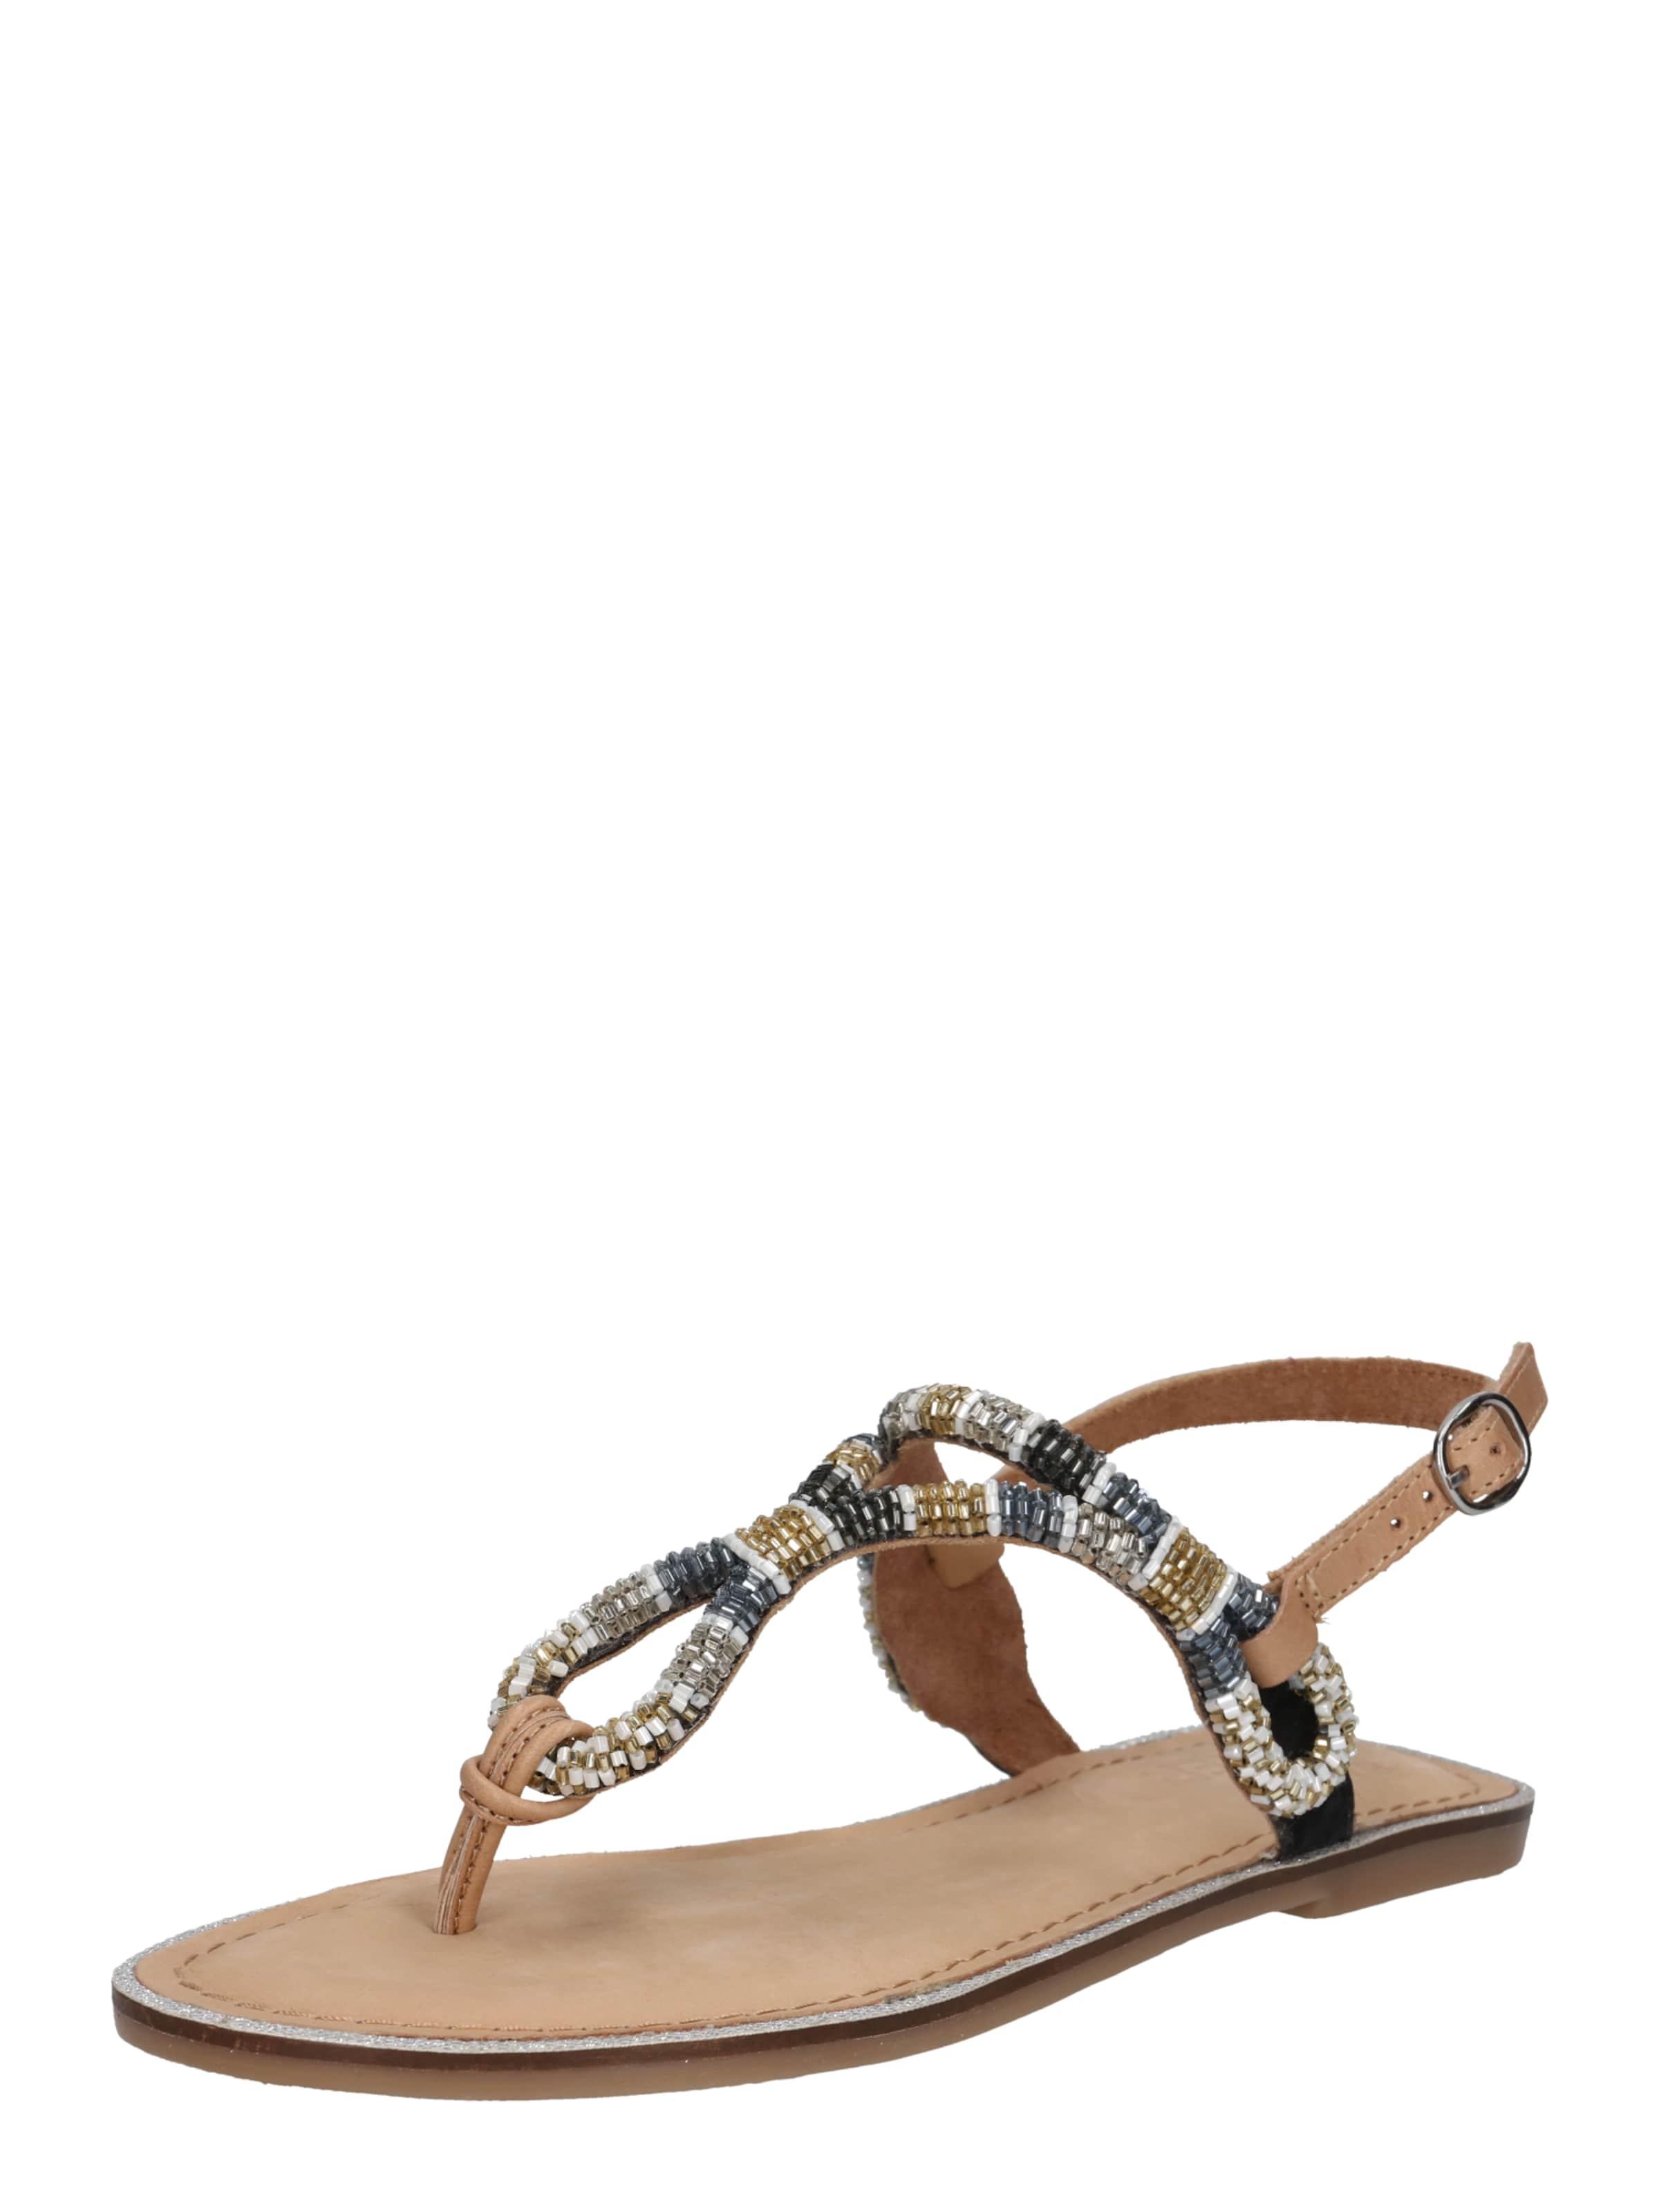 BULLBOXER Sandalen Verschleißfeste billige Schuhe Hohe Qualität